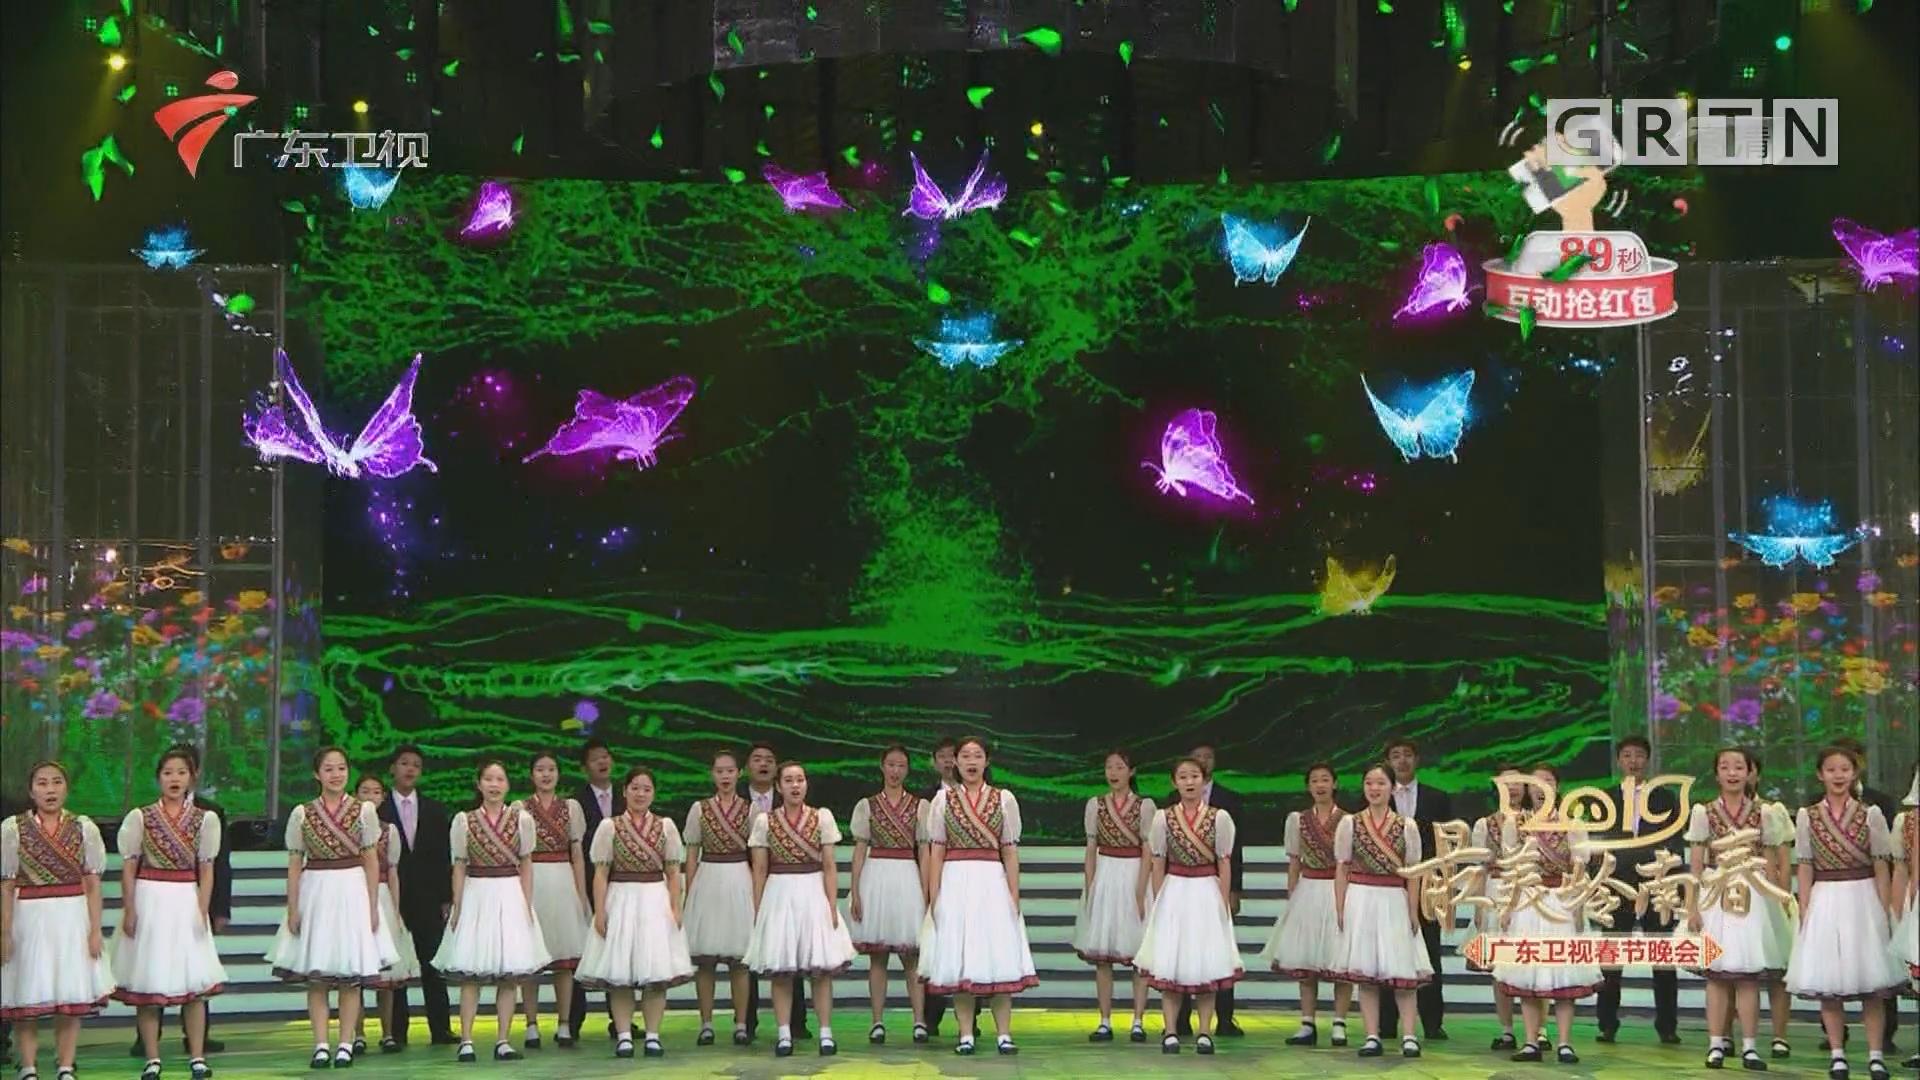 《聆听绿色》惊艳2019广东春晚,欢快童声带你感受广东的生机勃勃